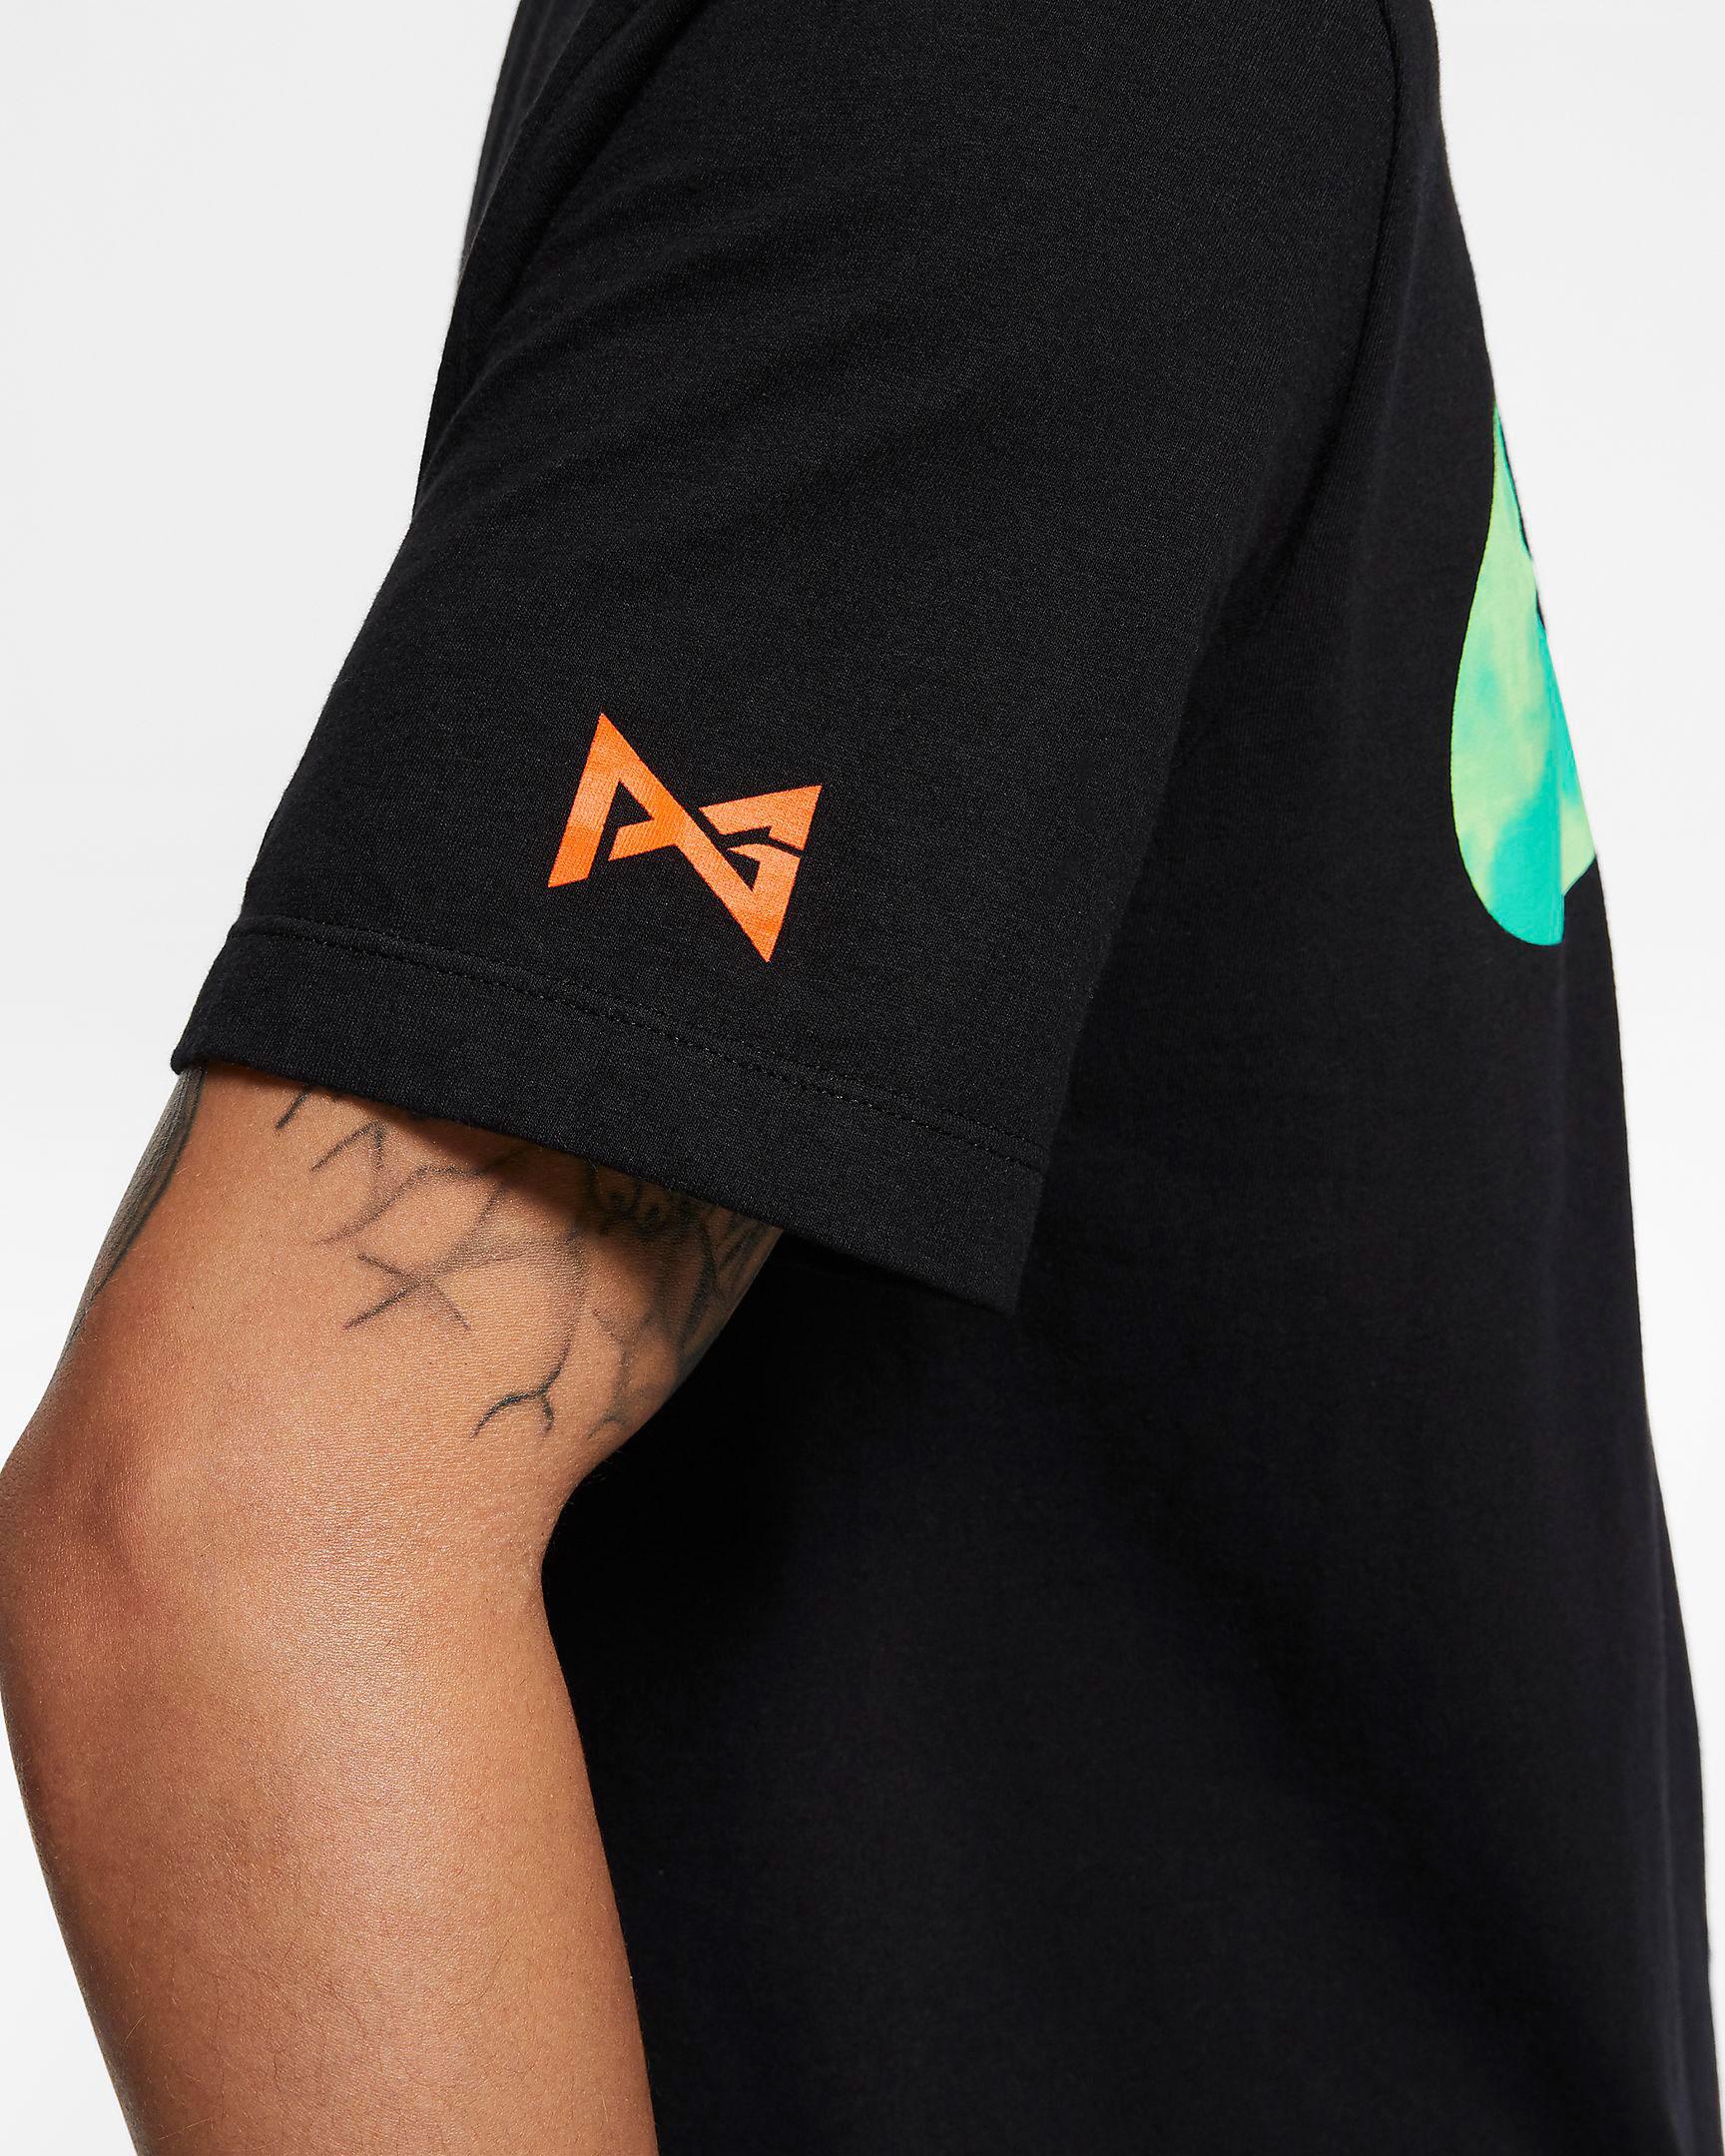 nike-pg-4-gatorade-all-star-shirt-2